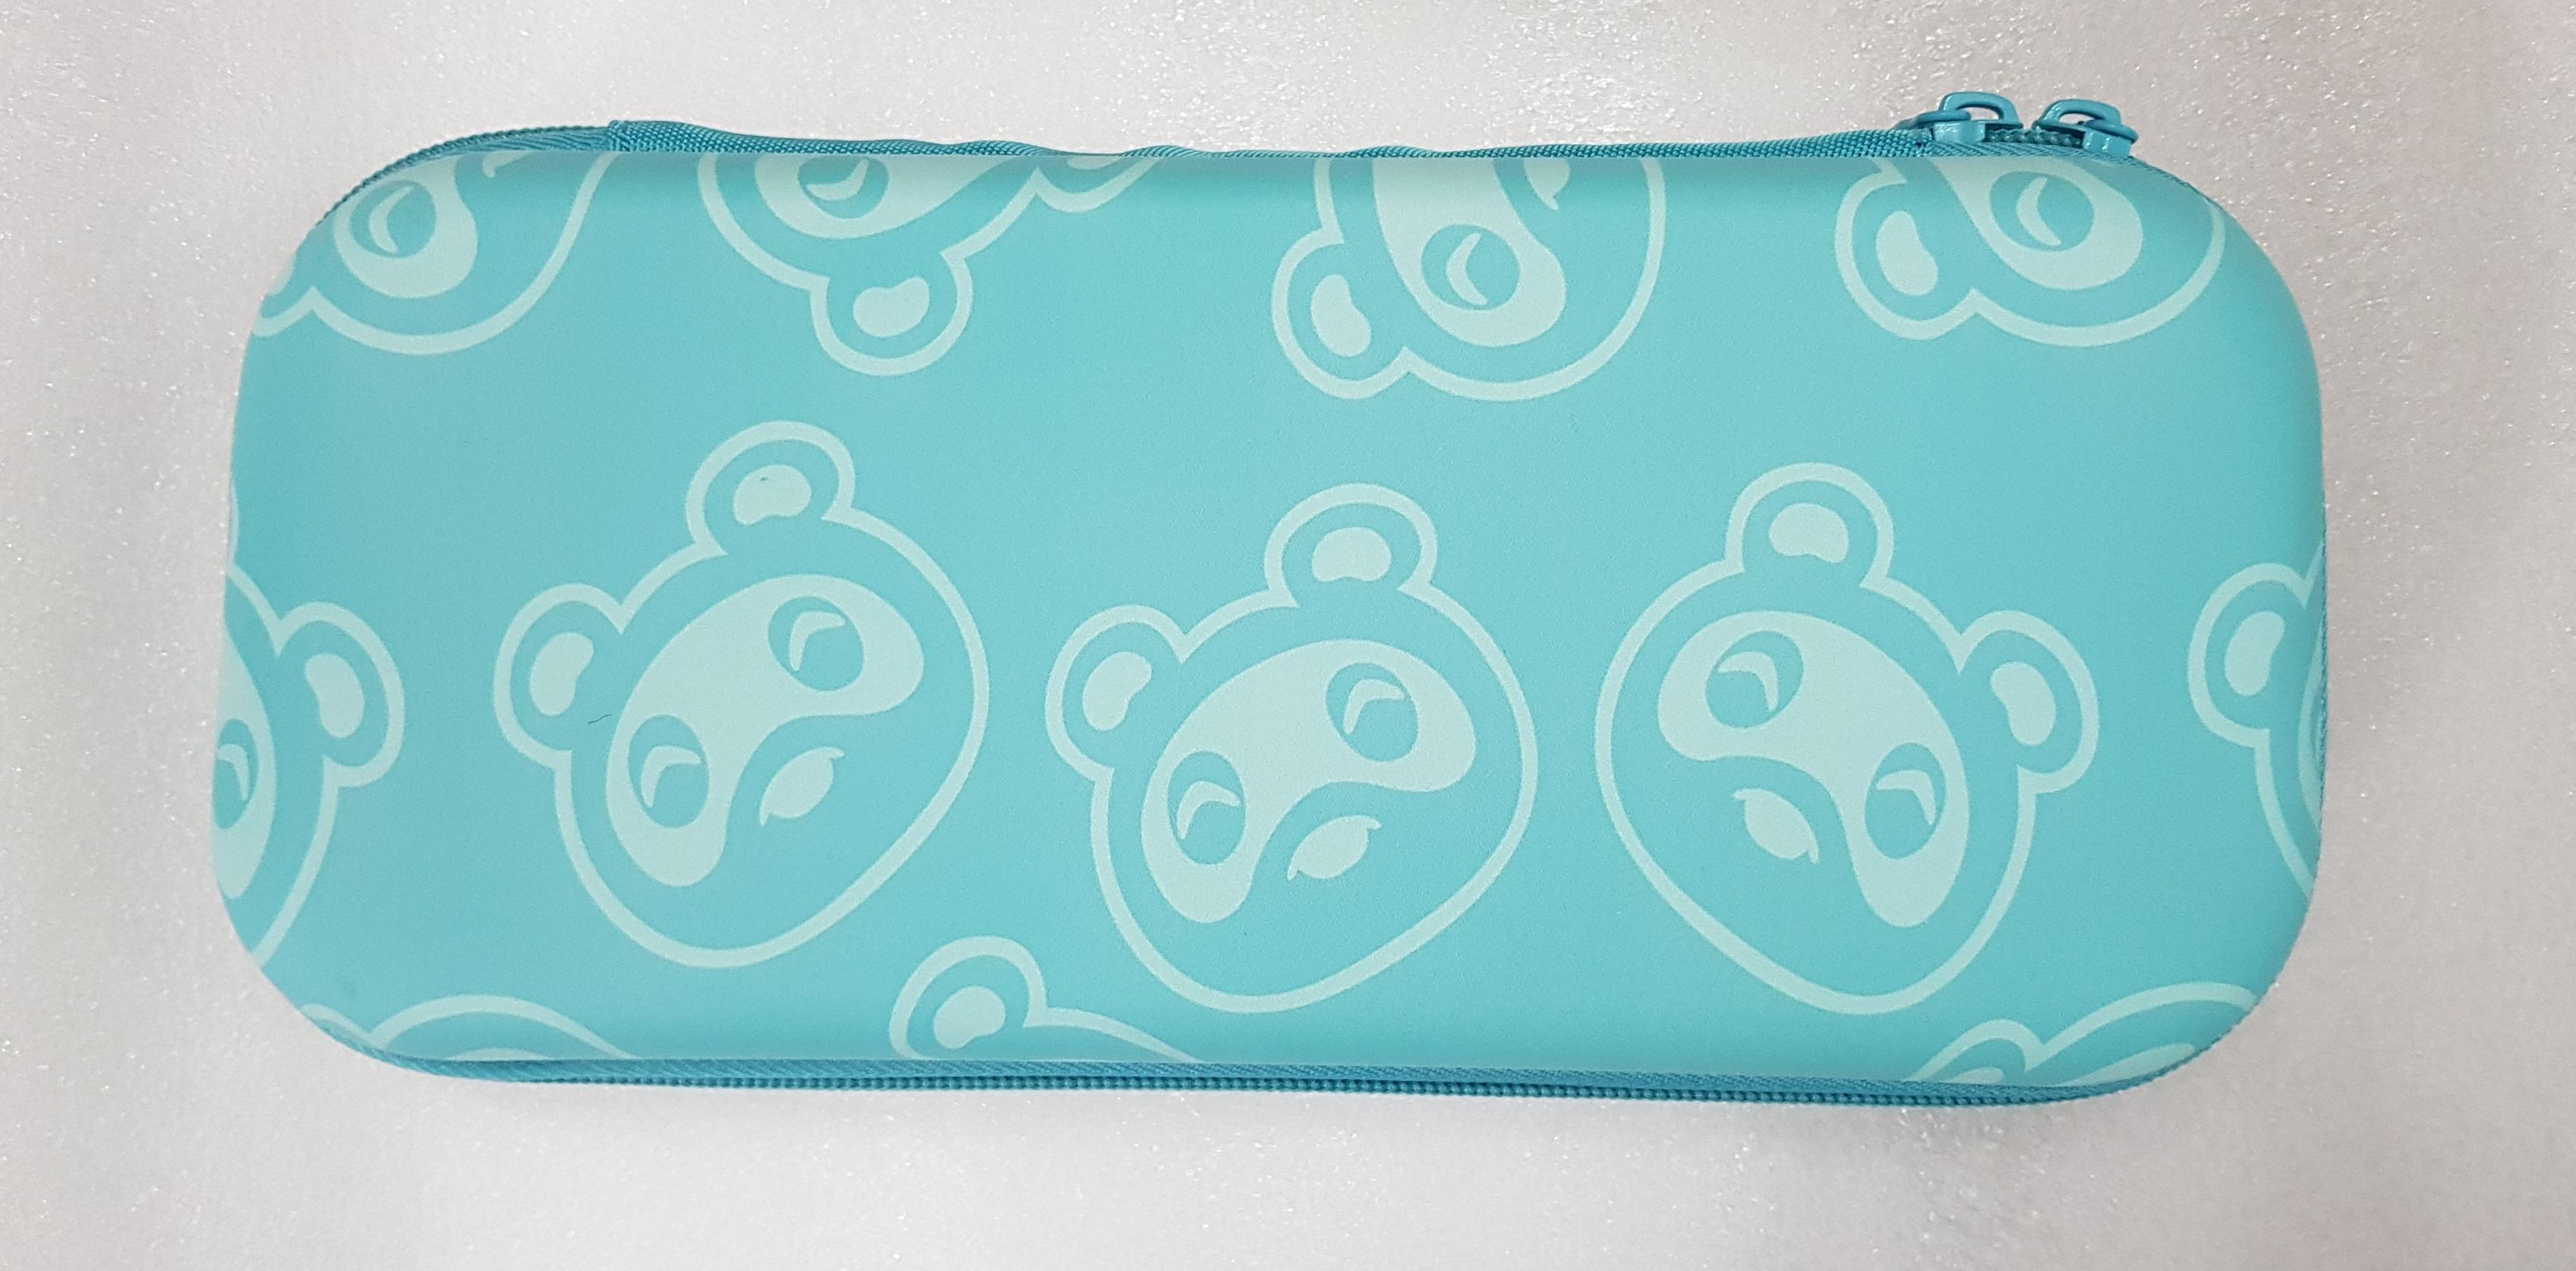 Túi đựng cho máy Switch mẫu Animal Crossing hình gấu mèo